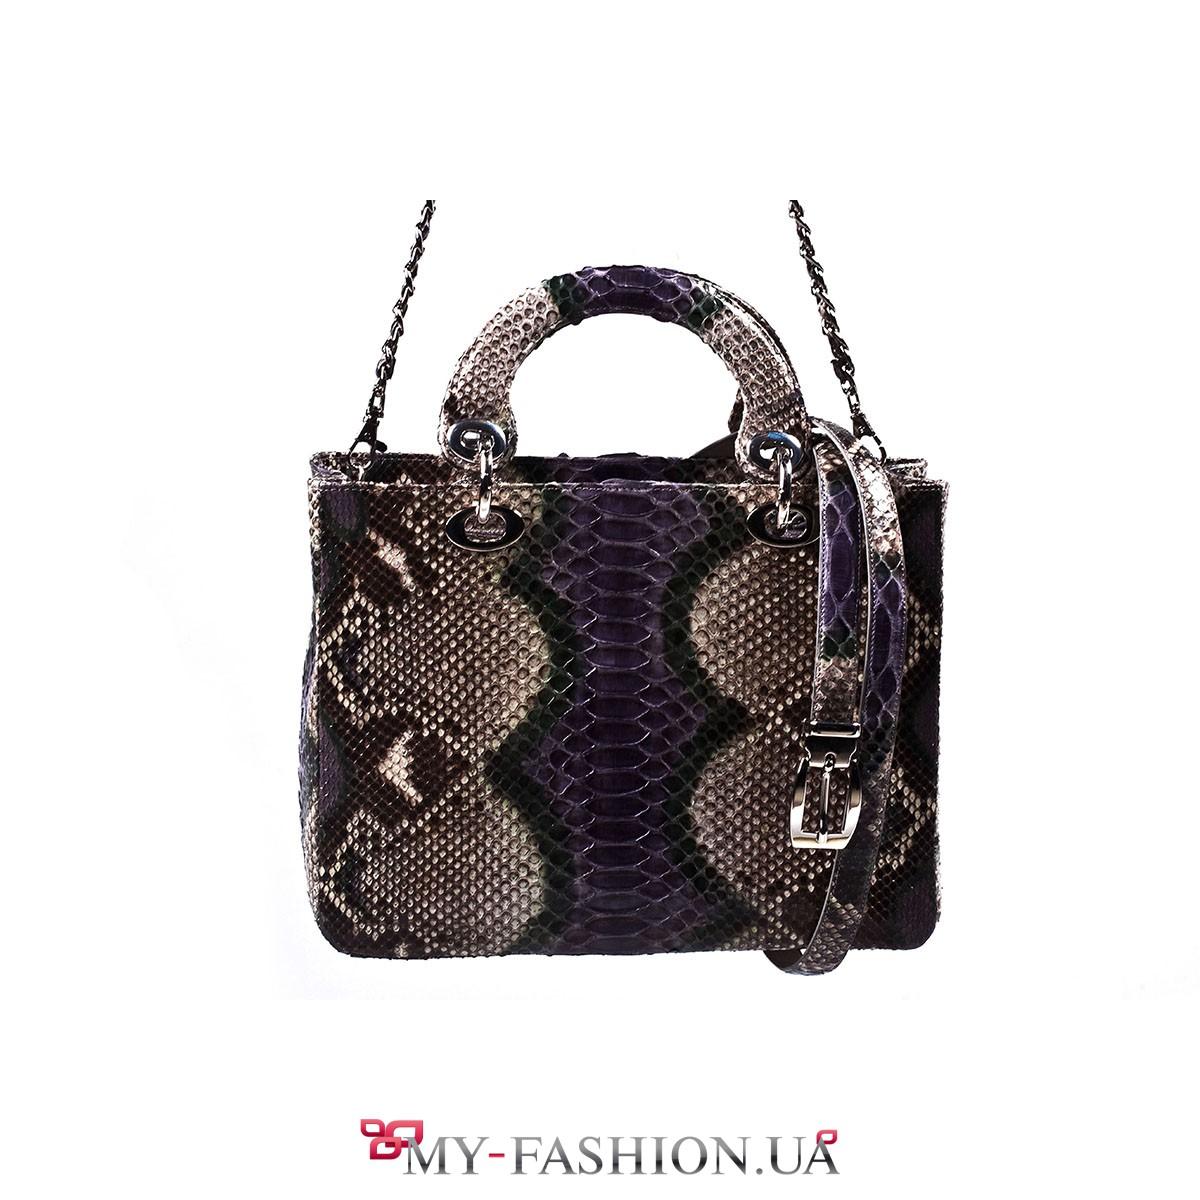 0f7fb20381d0 Элитная женская сумка из кожи питона купить в интернет магазине в ...